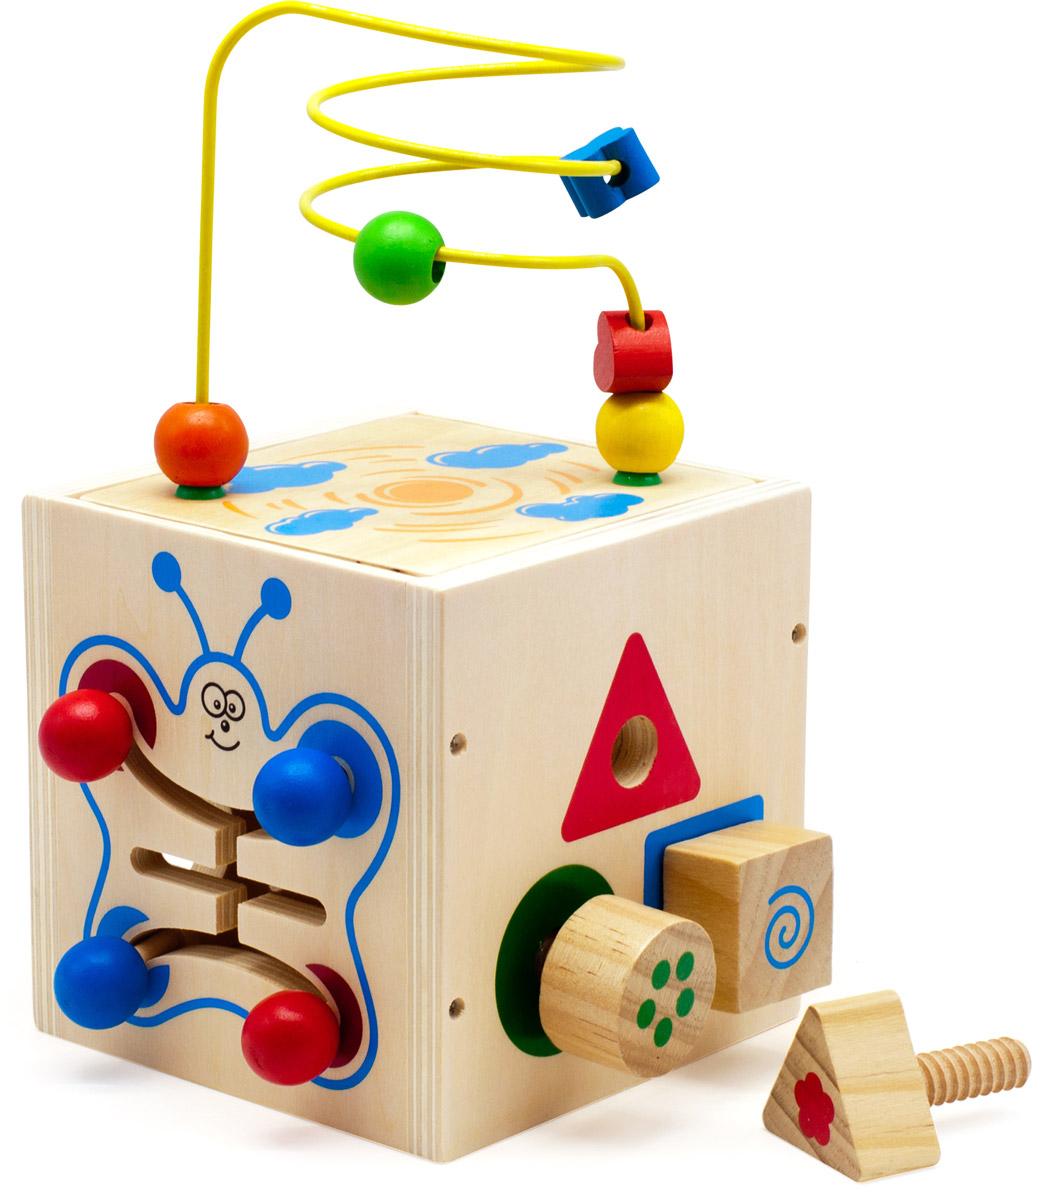 Мир деревянных игрушек Куб-лабиринт 5 в 1 Д375Д375Куб-лабиринт 5 в 1 от компании Мир деревянных игрушек содержит в себе несколько развивающих игрушек. Сверху куба находится проволочный лабиринт с геометрическими бусинами разных цветов и форм. Одна из сторон куба переворачивается, лабиринт устанавливается на крышу куба, после окончания игры лабиринт прячется внутрь куба для удобства хранения и переноски. Две стороны куба имеют сортер. На одной стороне куба отверстия сортера прорезаны по форме геометрических фигур. Малыш должен определить, какая фигурка соответствует каждому отверстию. Другой вариант сортера представляет собой нарисованные геометрические фигуры разных цветов с одинаковыми отверстиями в центре. Задачей ребенка является вкручивание деревянных винтиков с геометрической фигуркой на конце в отверстие соответствующей нарисованной фигуры. Другие стороны куба содержат деревянный лабиринт в виде бабочки и часы. Игрушка способствует развитию логики, моторики, помогает изучить фигуры и цвета, цифры и понятие времени,...